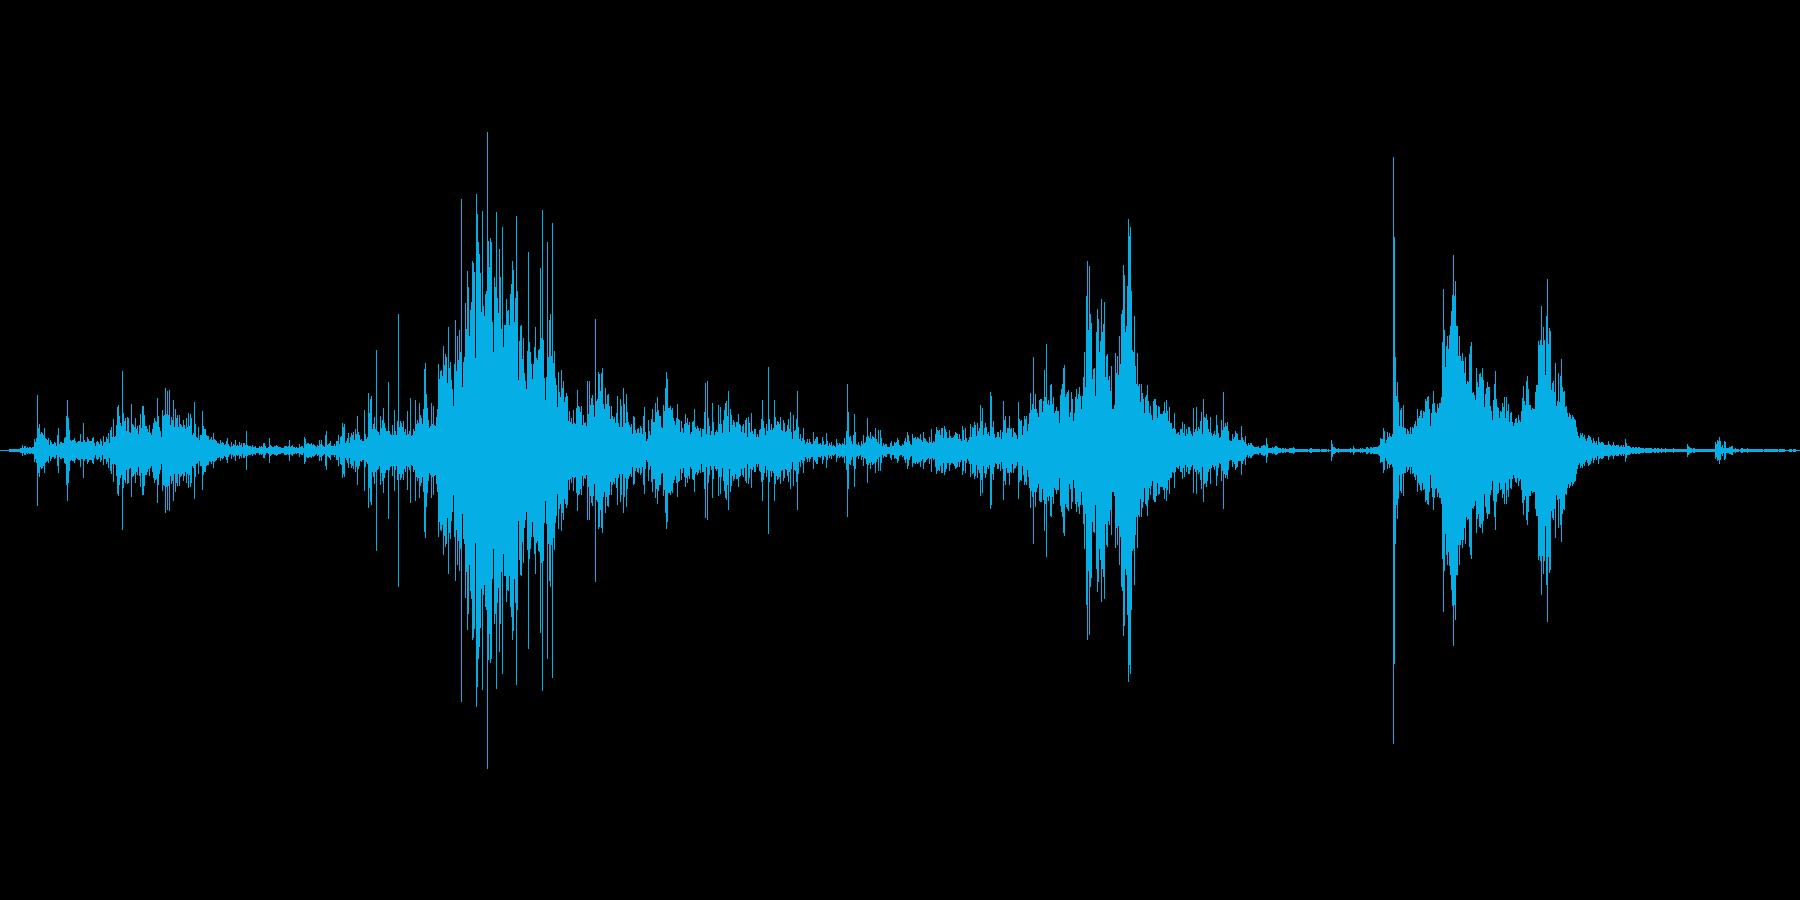 ダンボールを破る音。ビリビリの再生済みの波形